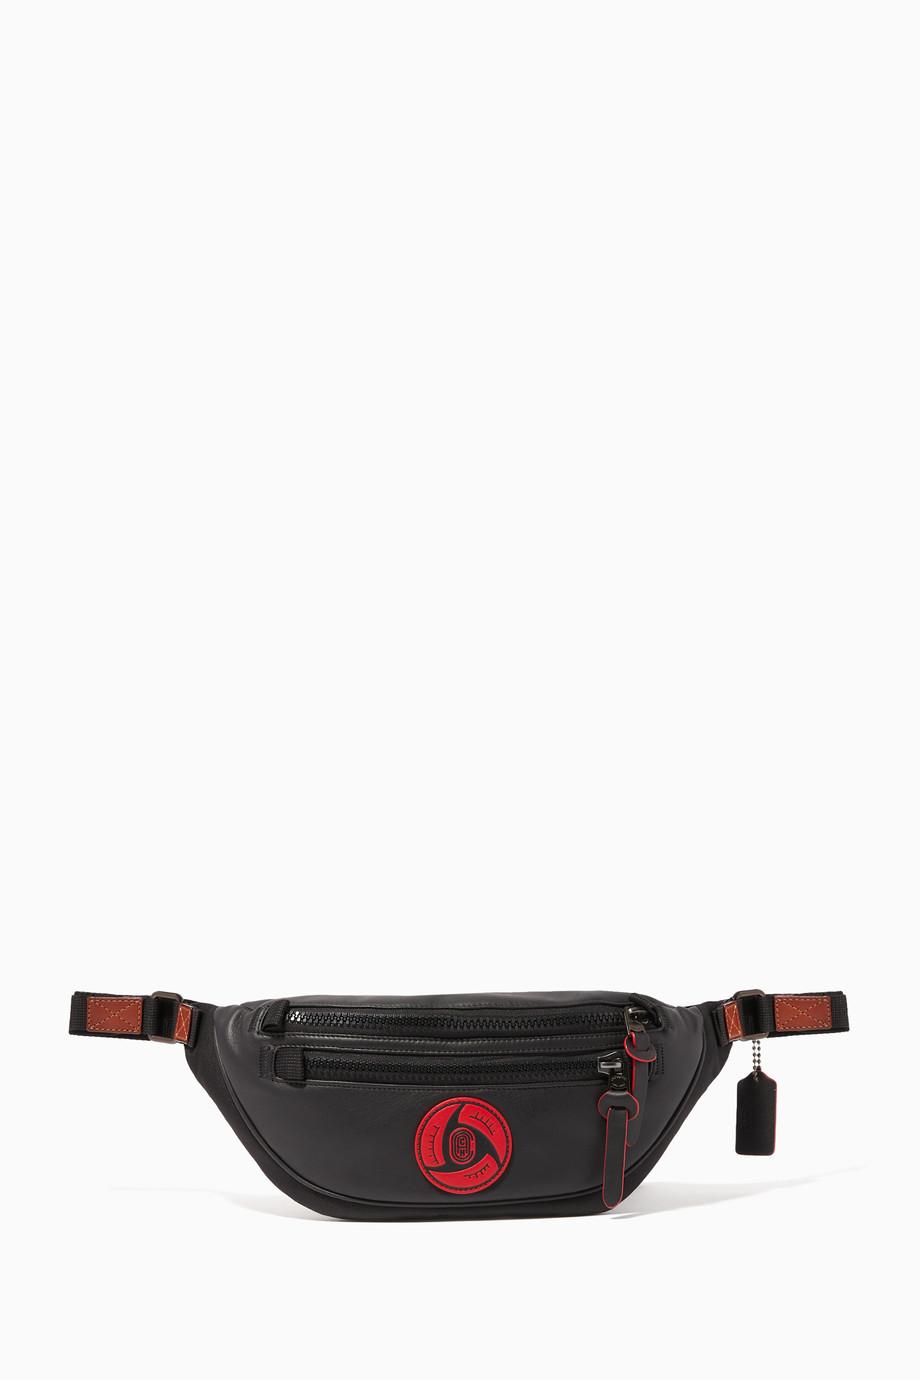 Shop Coach Black X Mbj Leather Cordura Belt Bag For Men